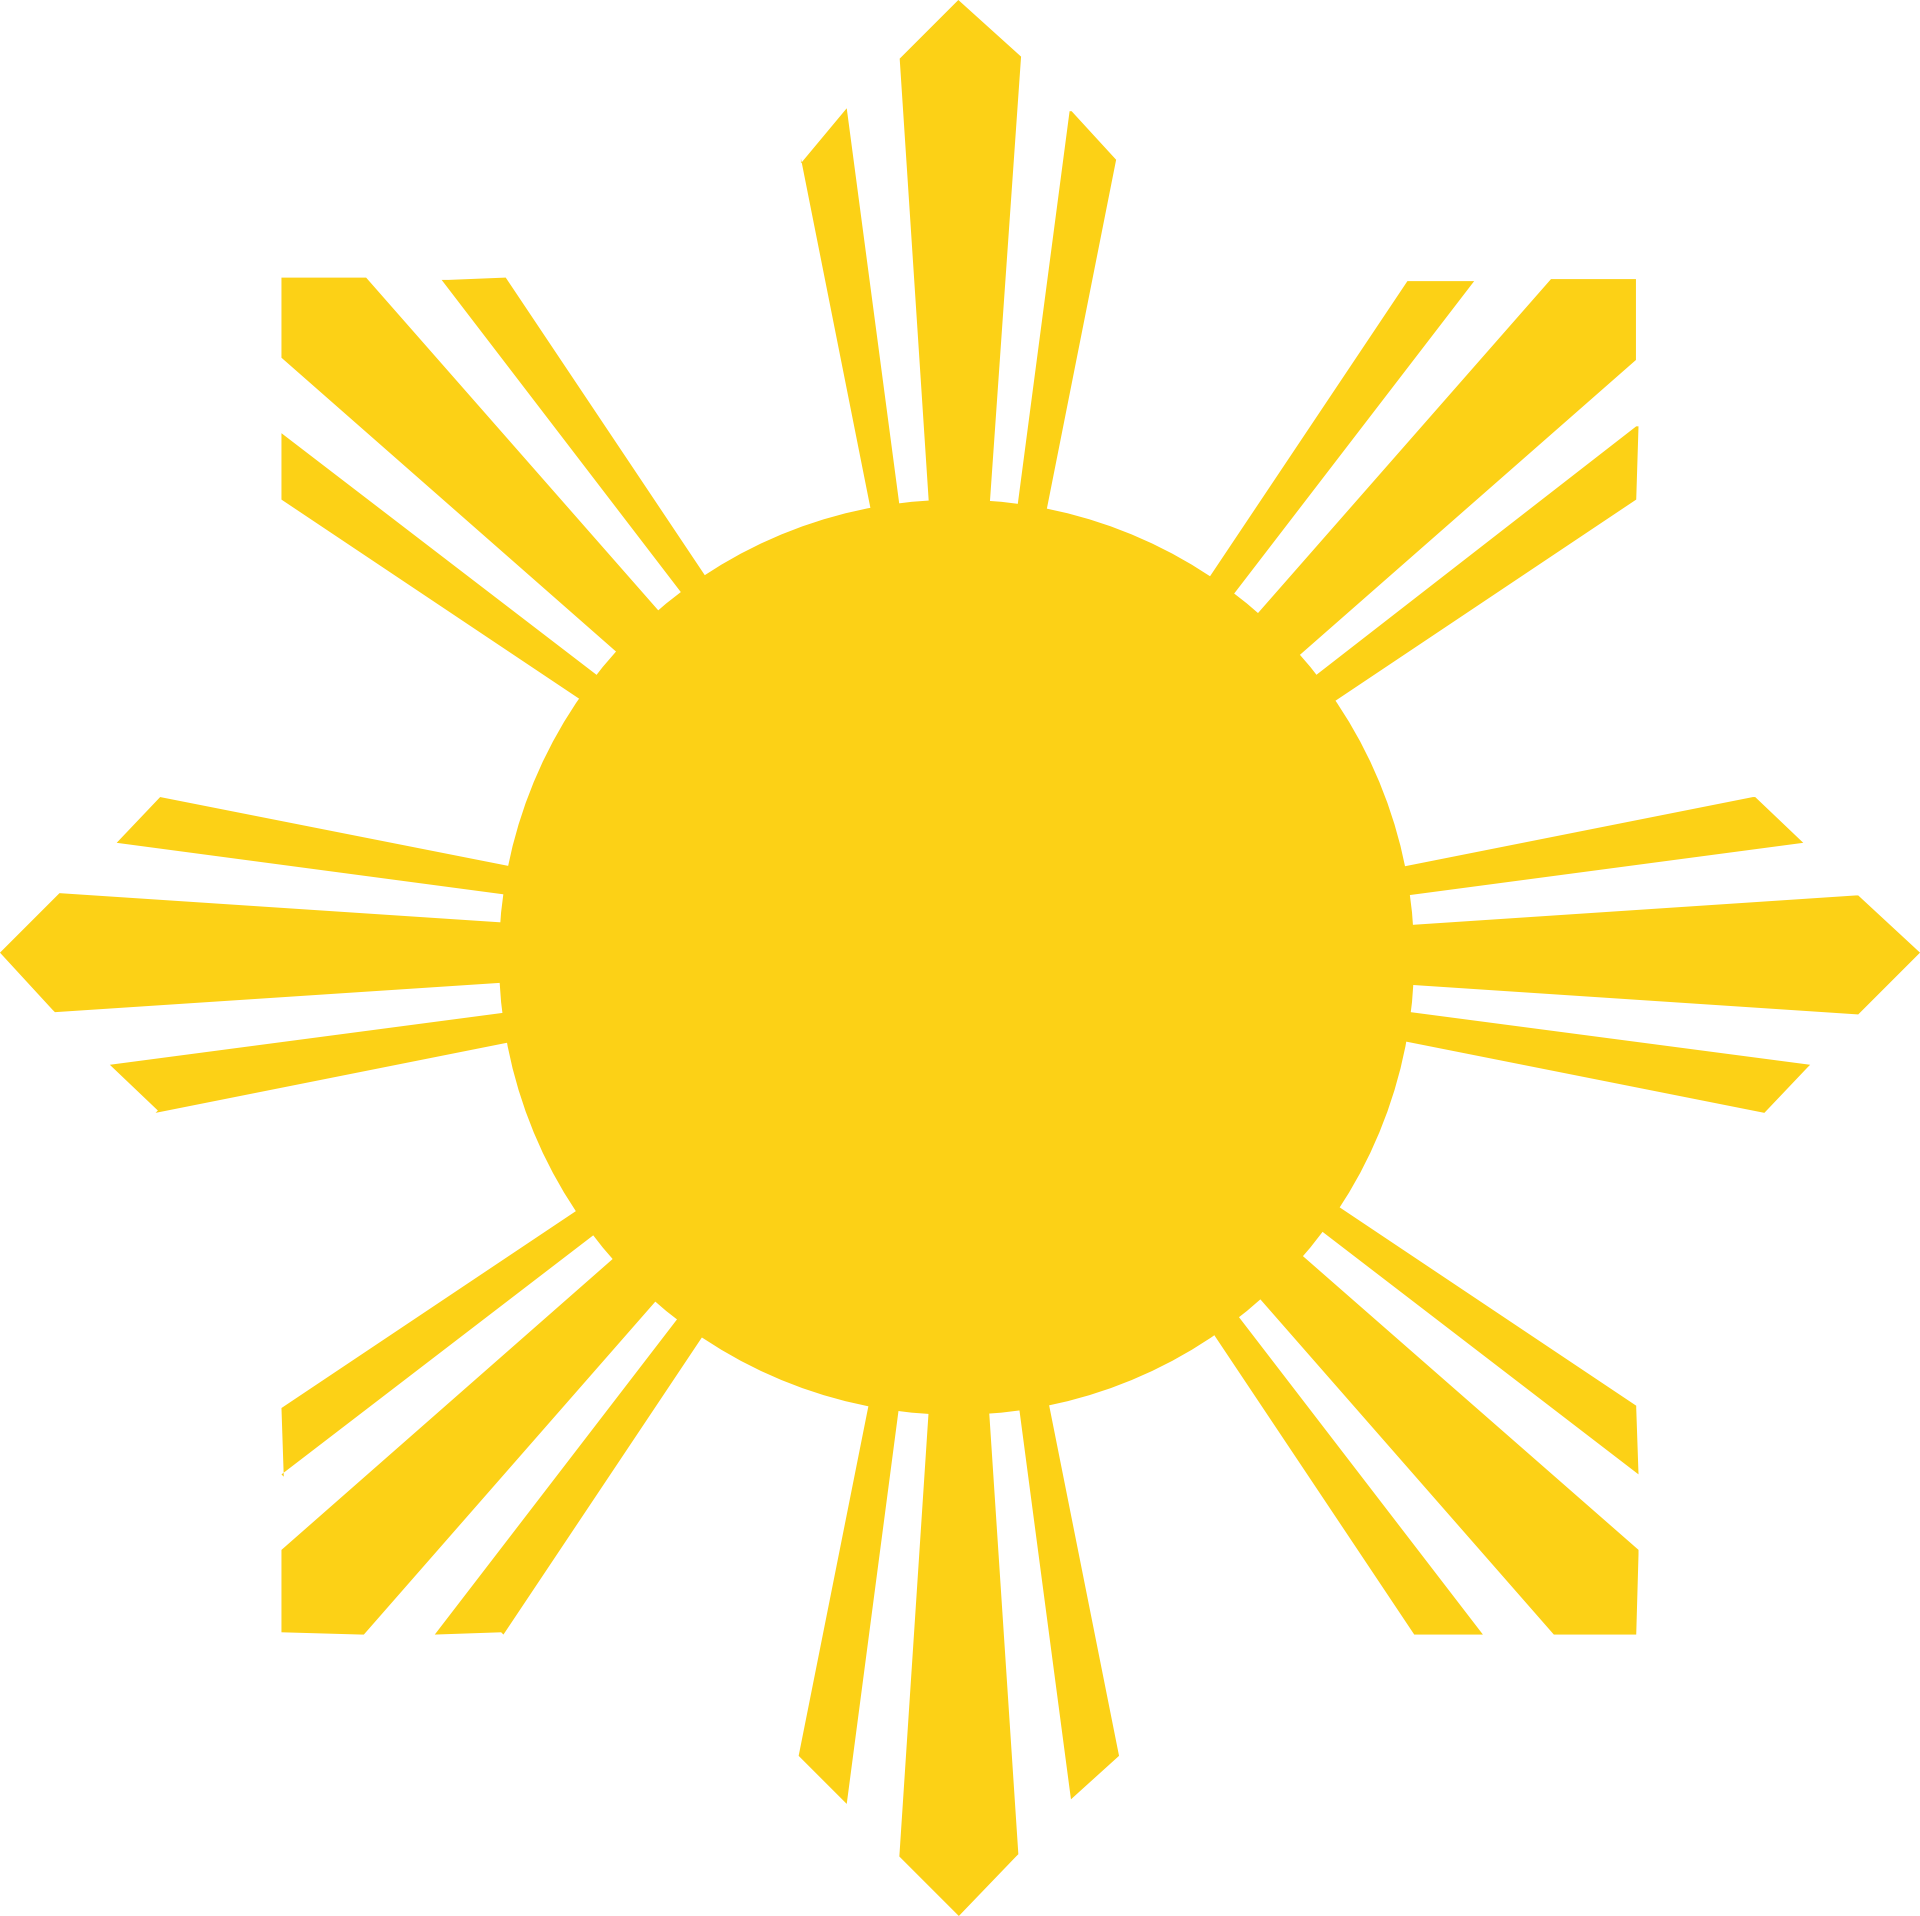 Sunshine Clipart